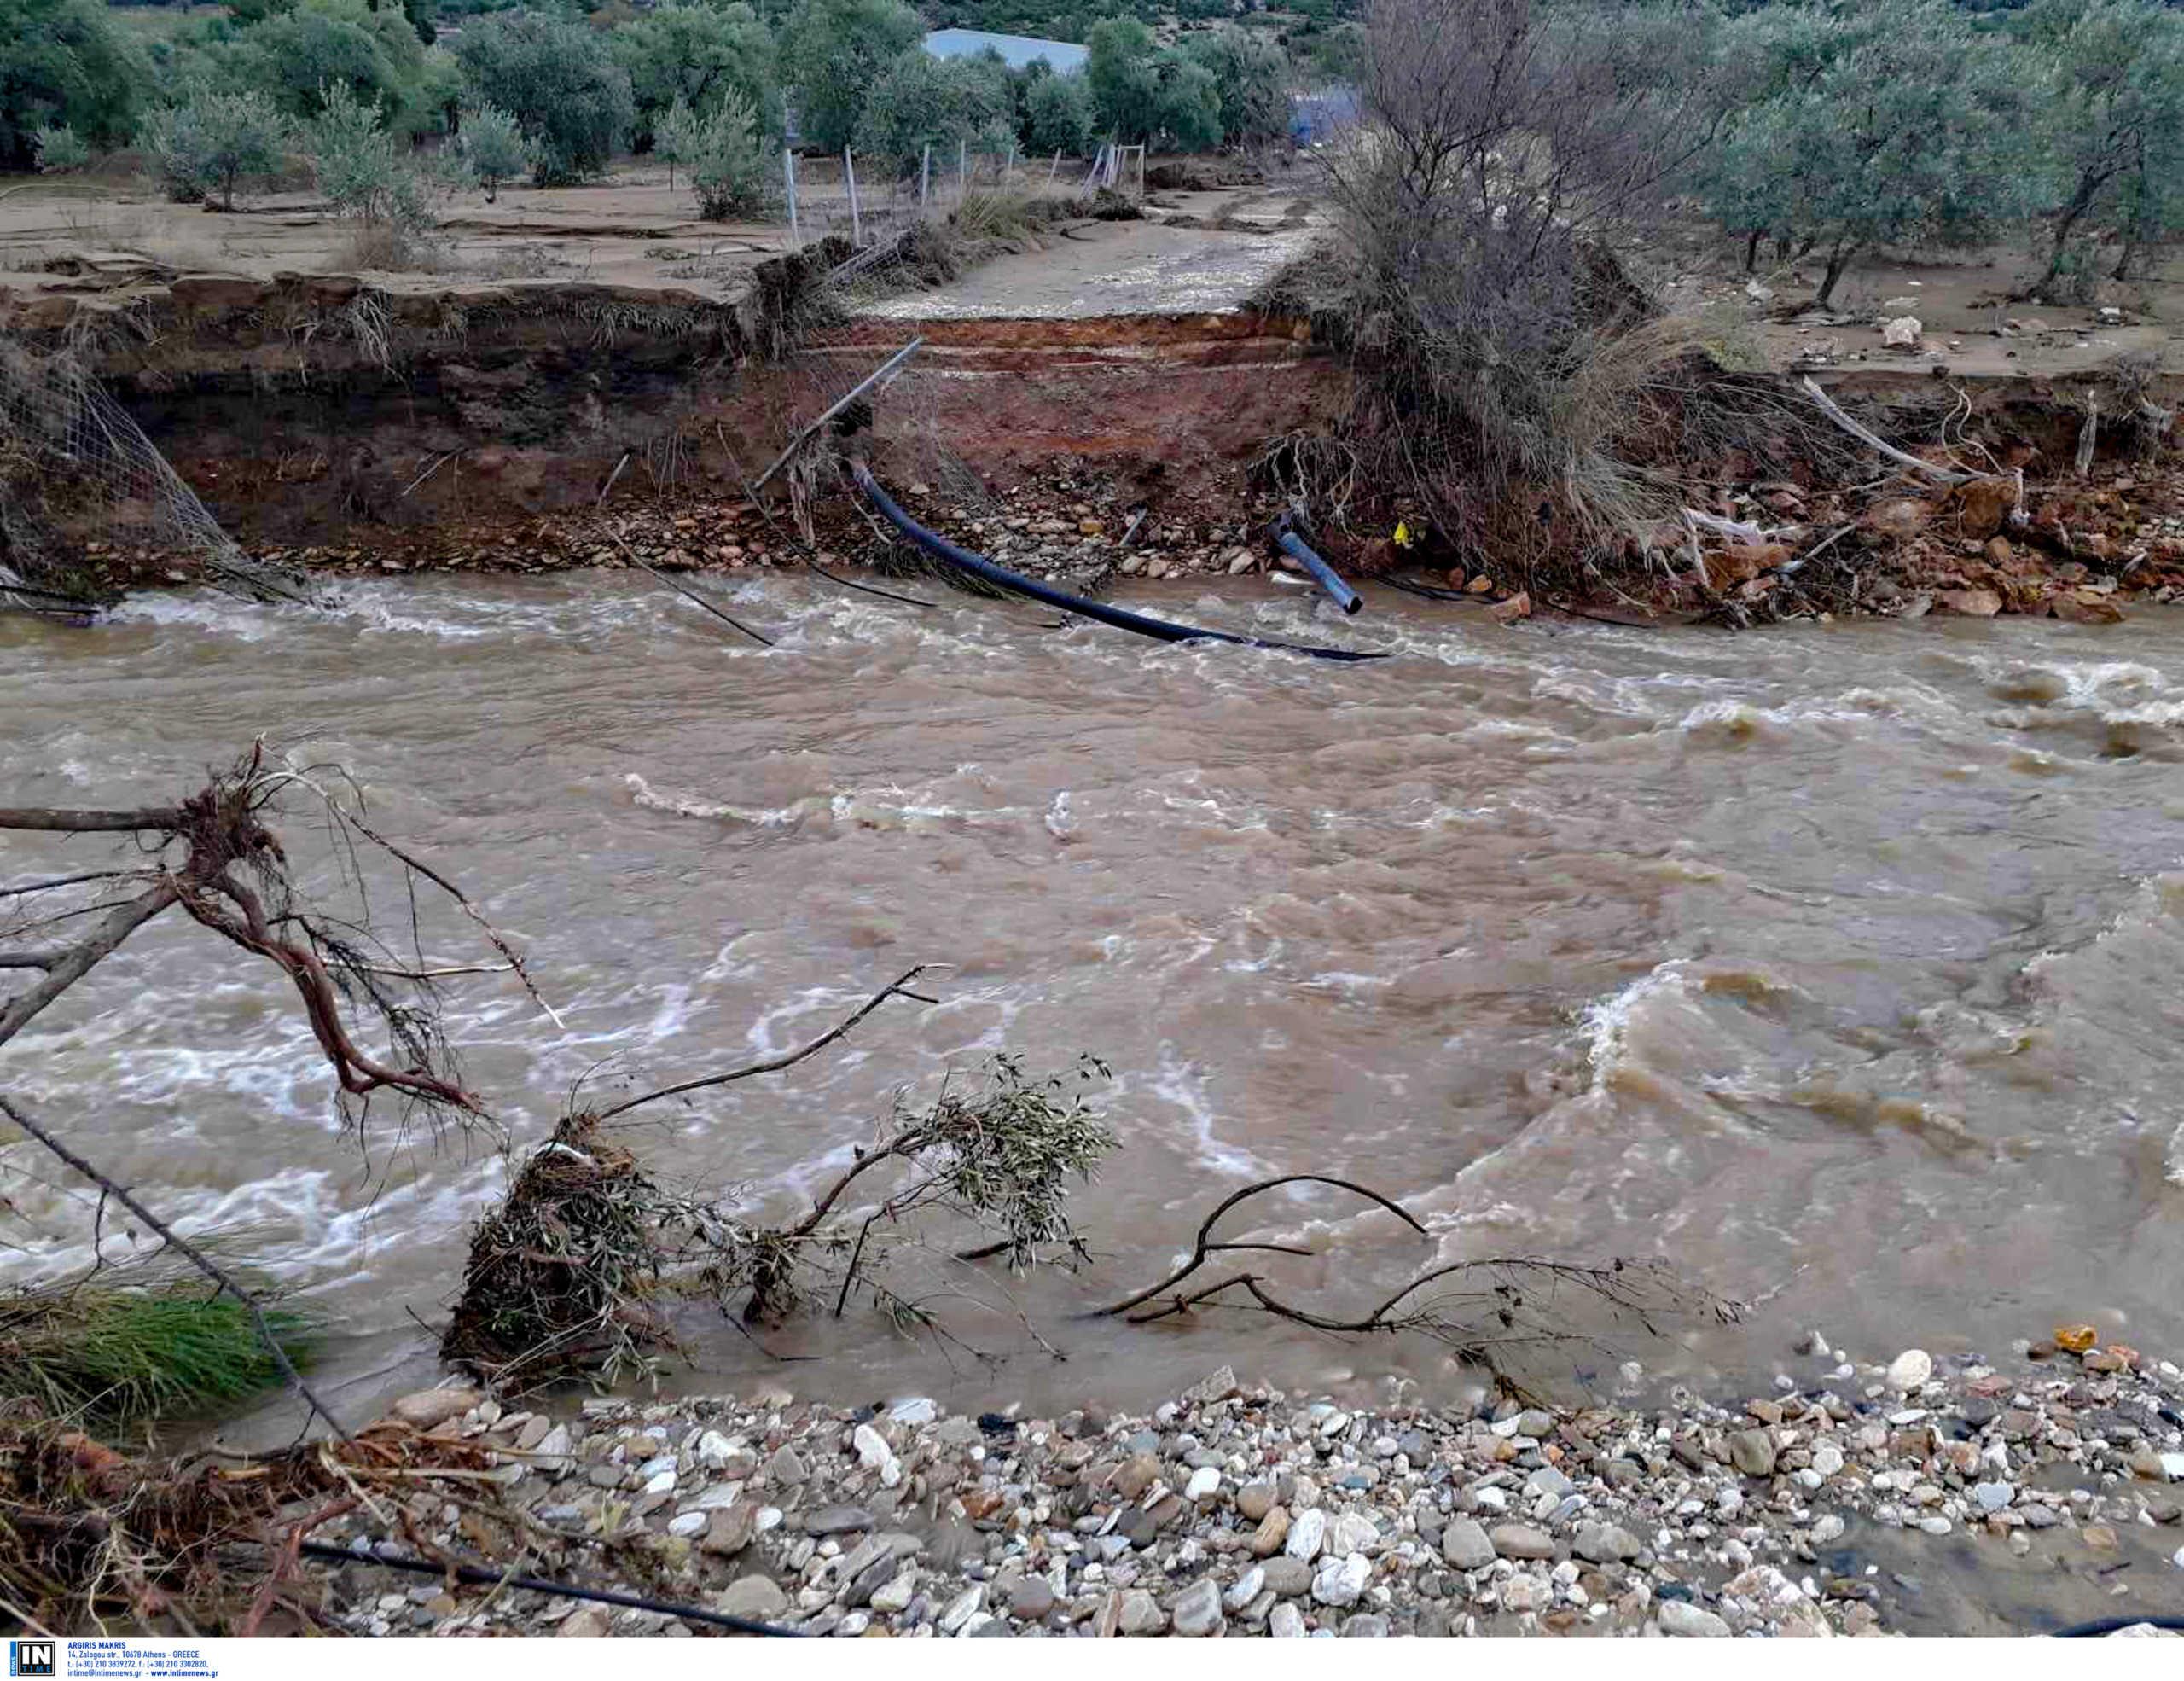 Καιρός: Σε κατάσταση έκτακτης ανάγκης Σκόπελος, Νότιο Πήλιο και Ζαγορά – Πλημμύρες και καταστροφές